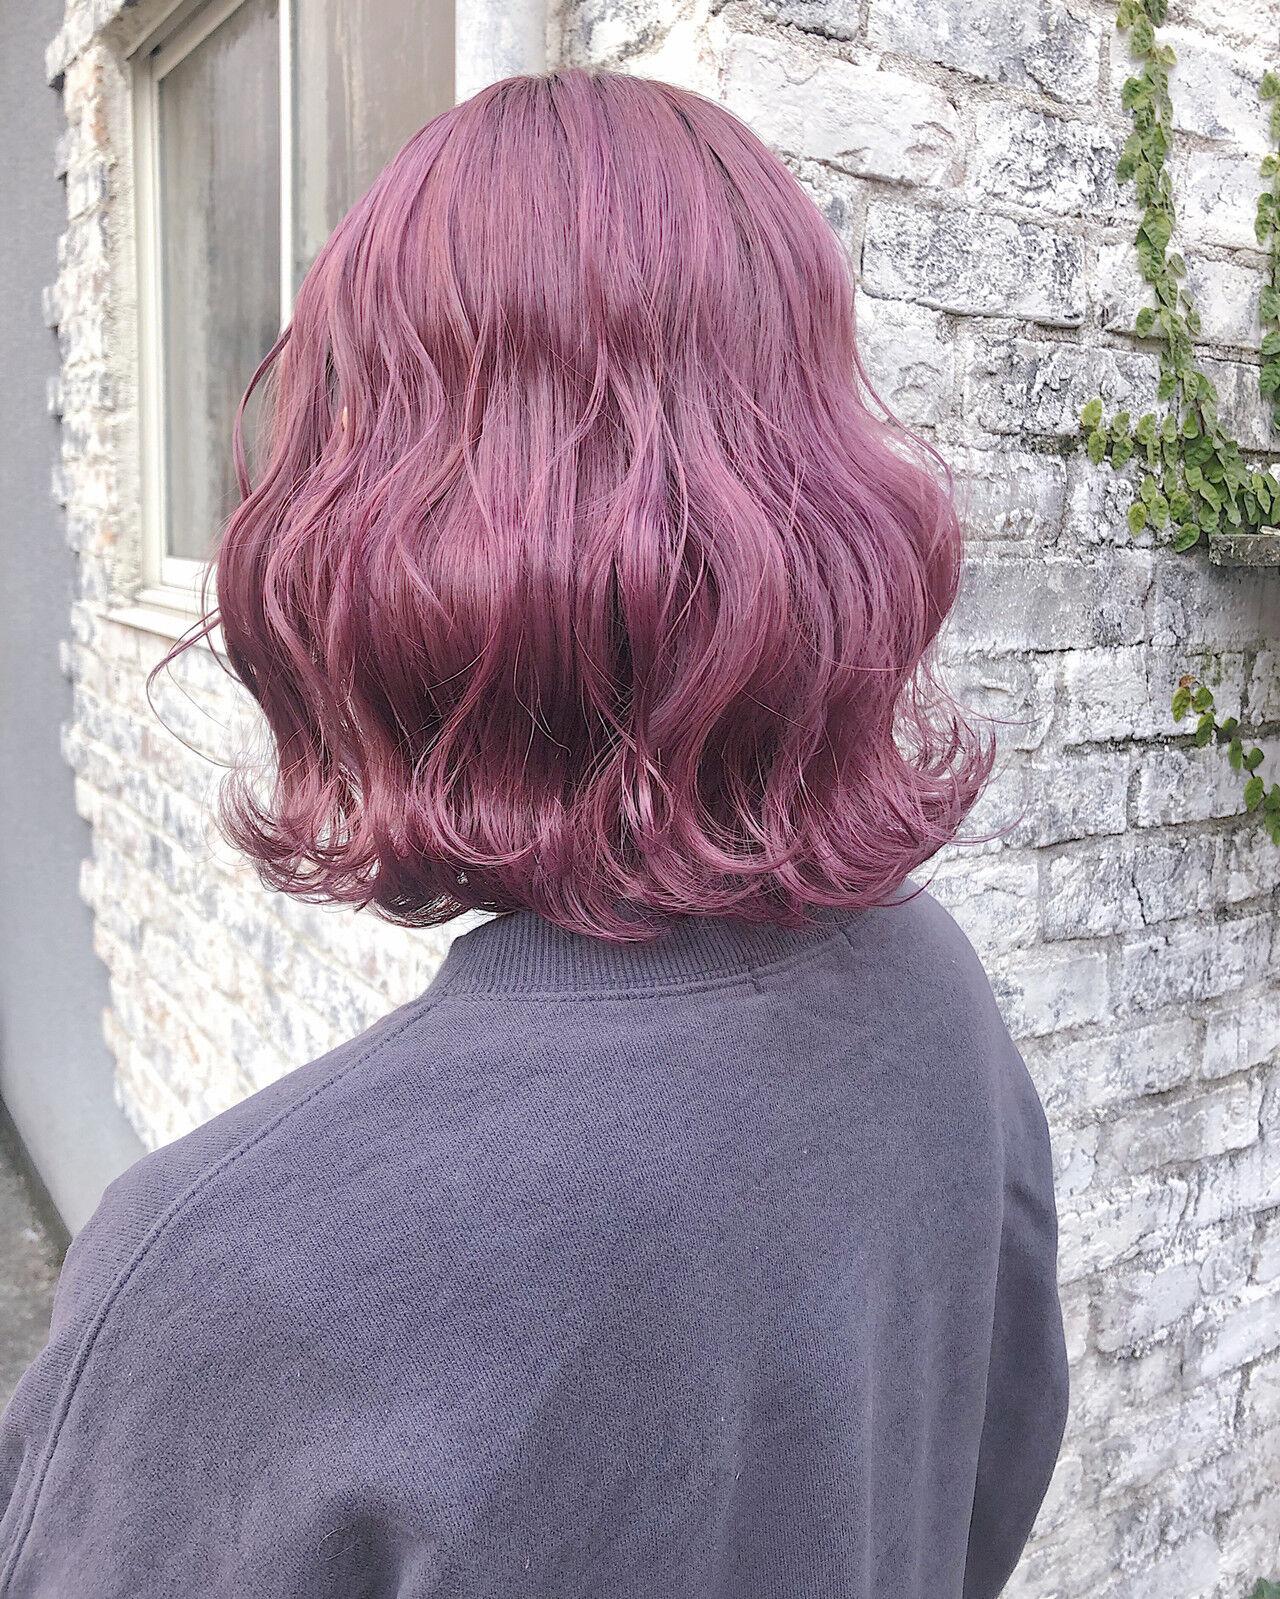 ラベンダーカラー 波ウェーブ ボブ ピンクカラーヘアスタイルや髪型の写真・画像